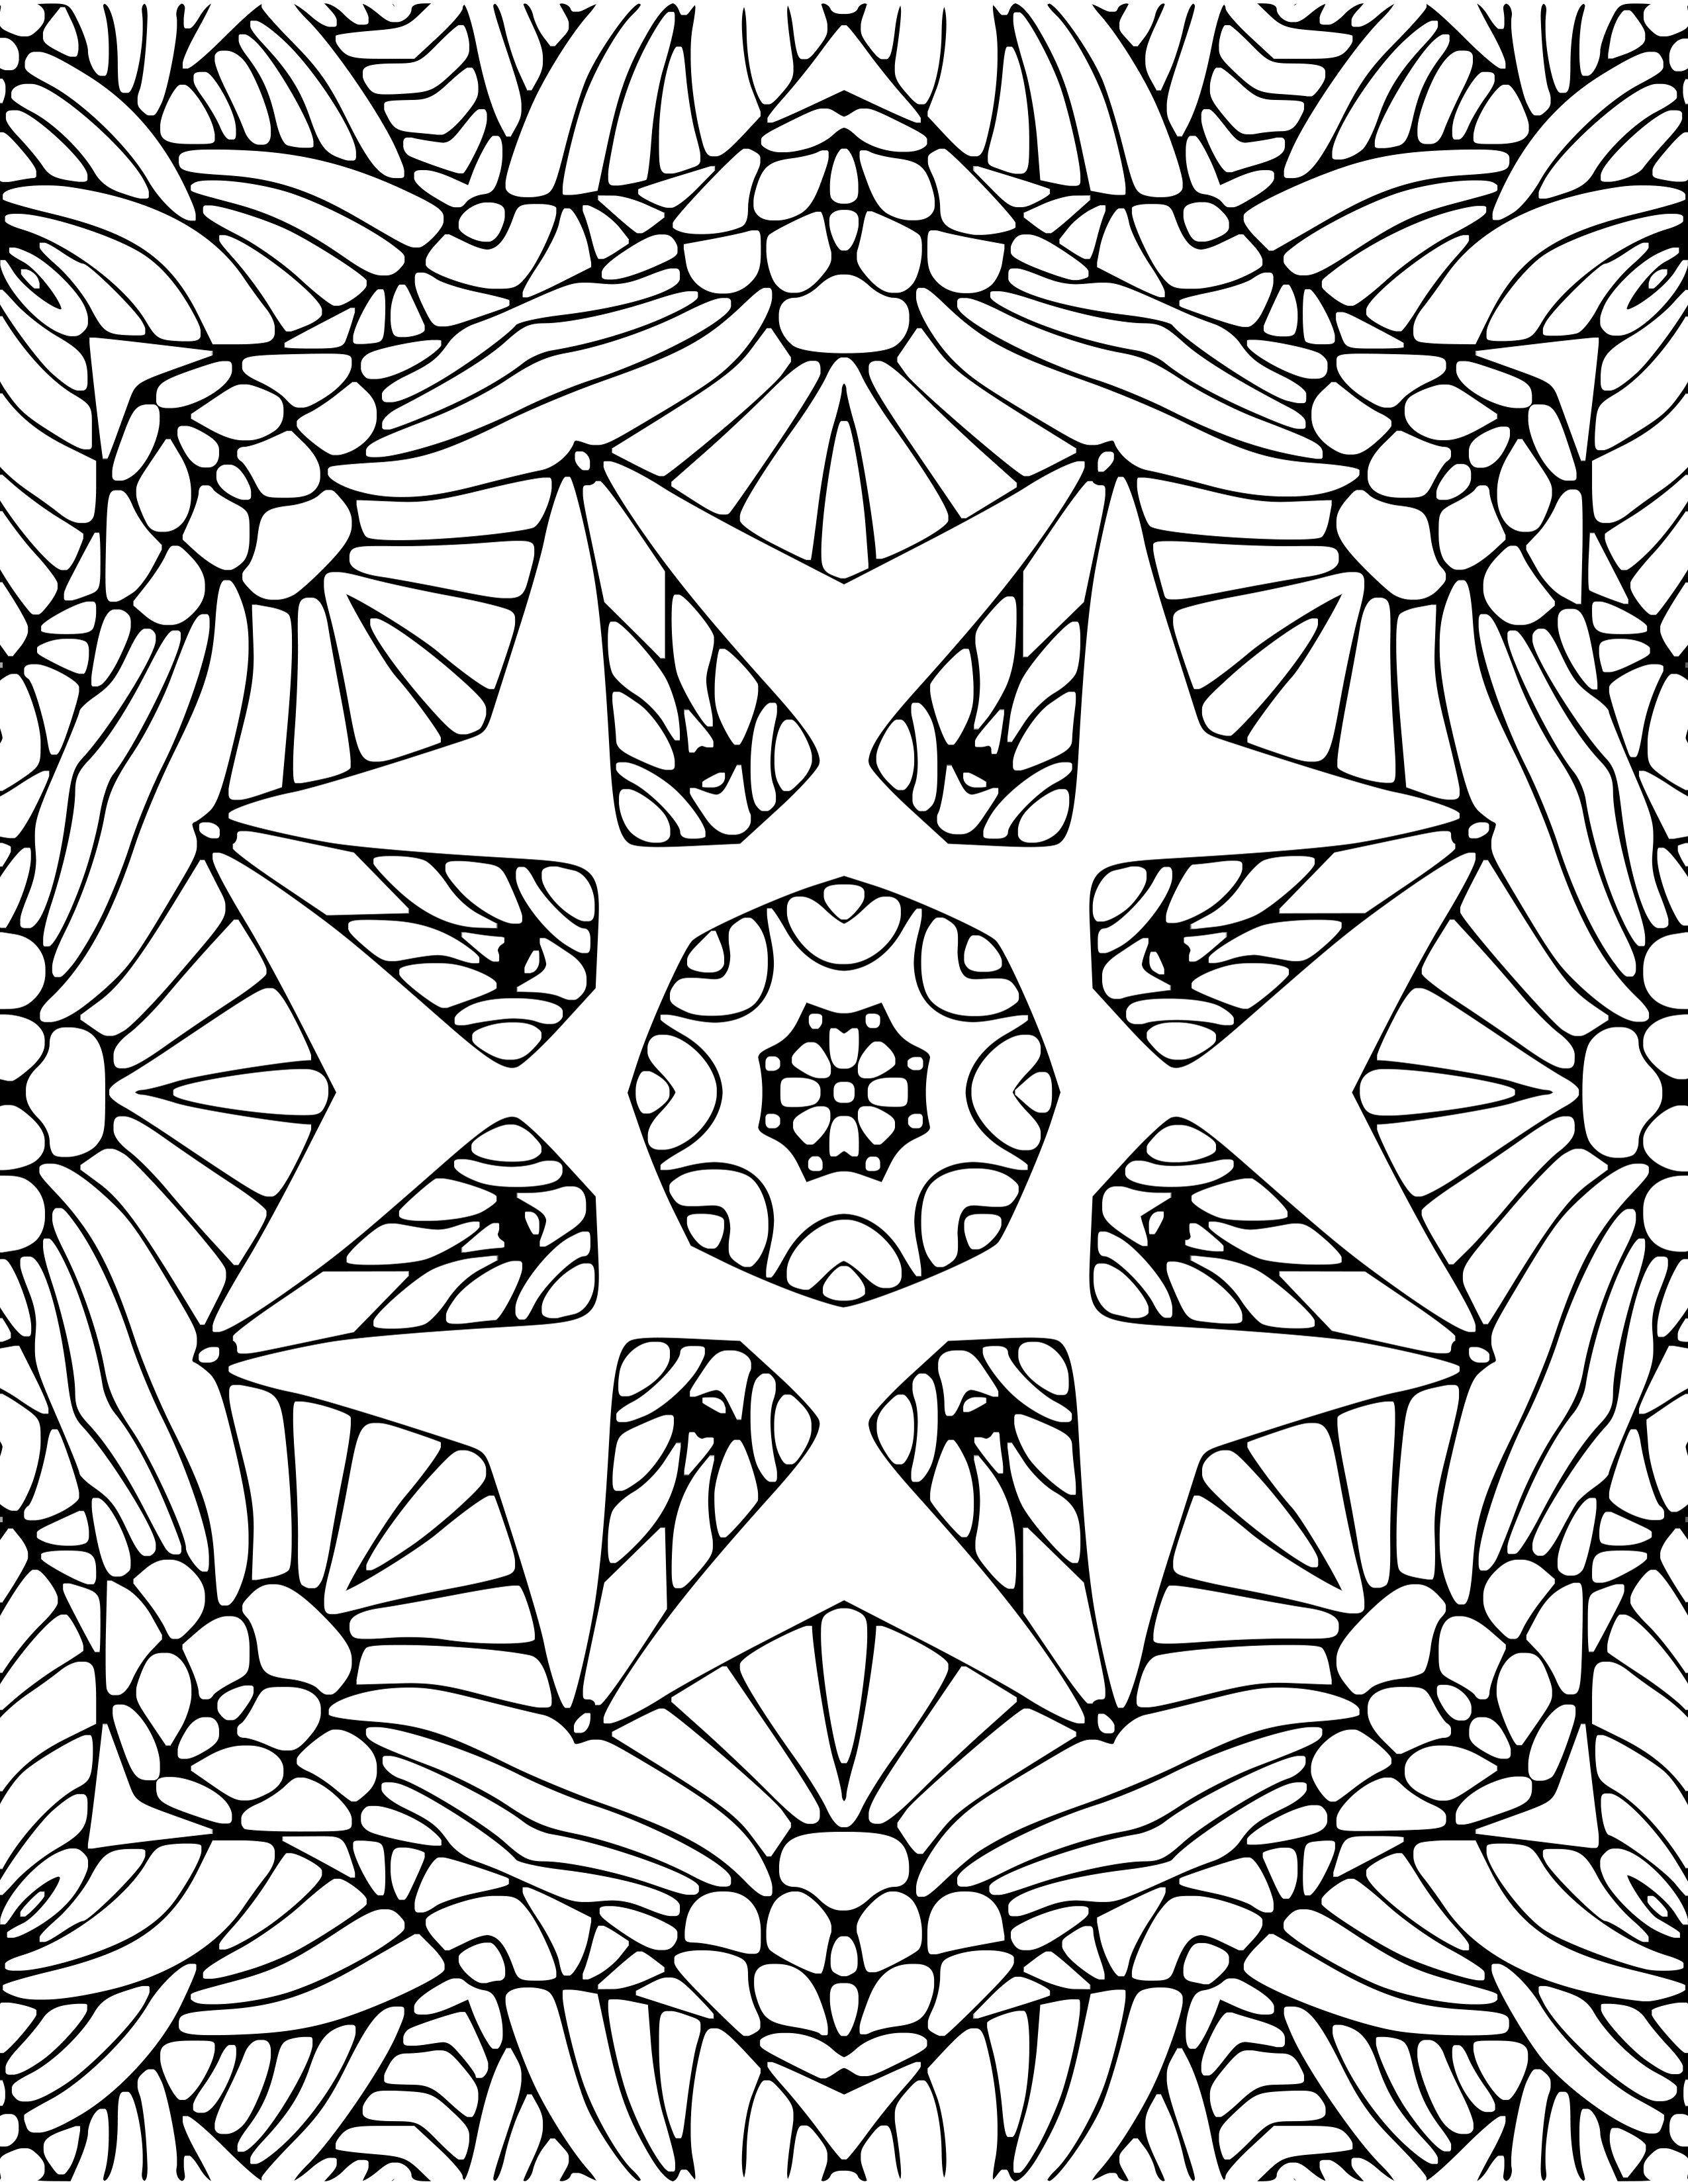 Mandala Ausmalen Für Erwachsene Gratis Malvorlagen Zum Download